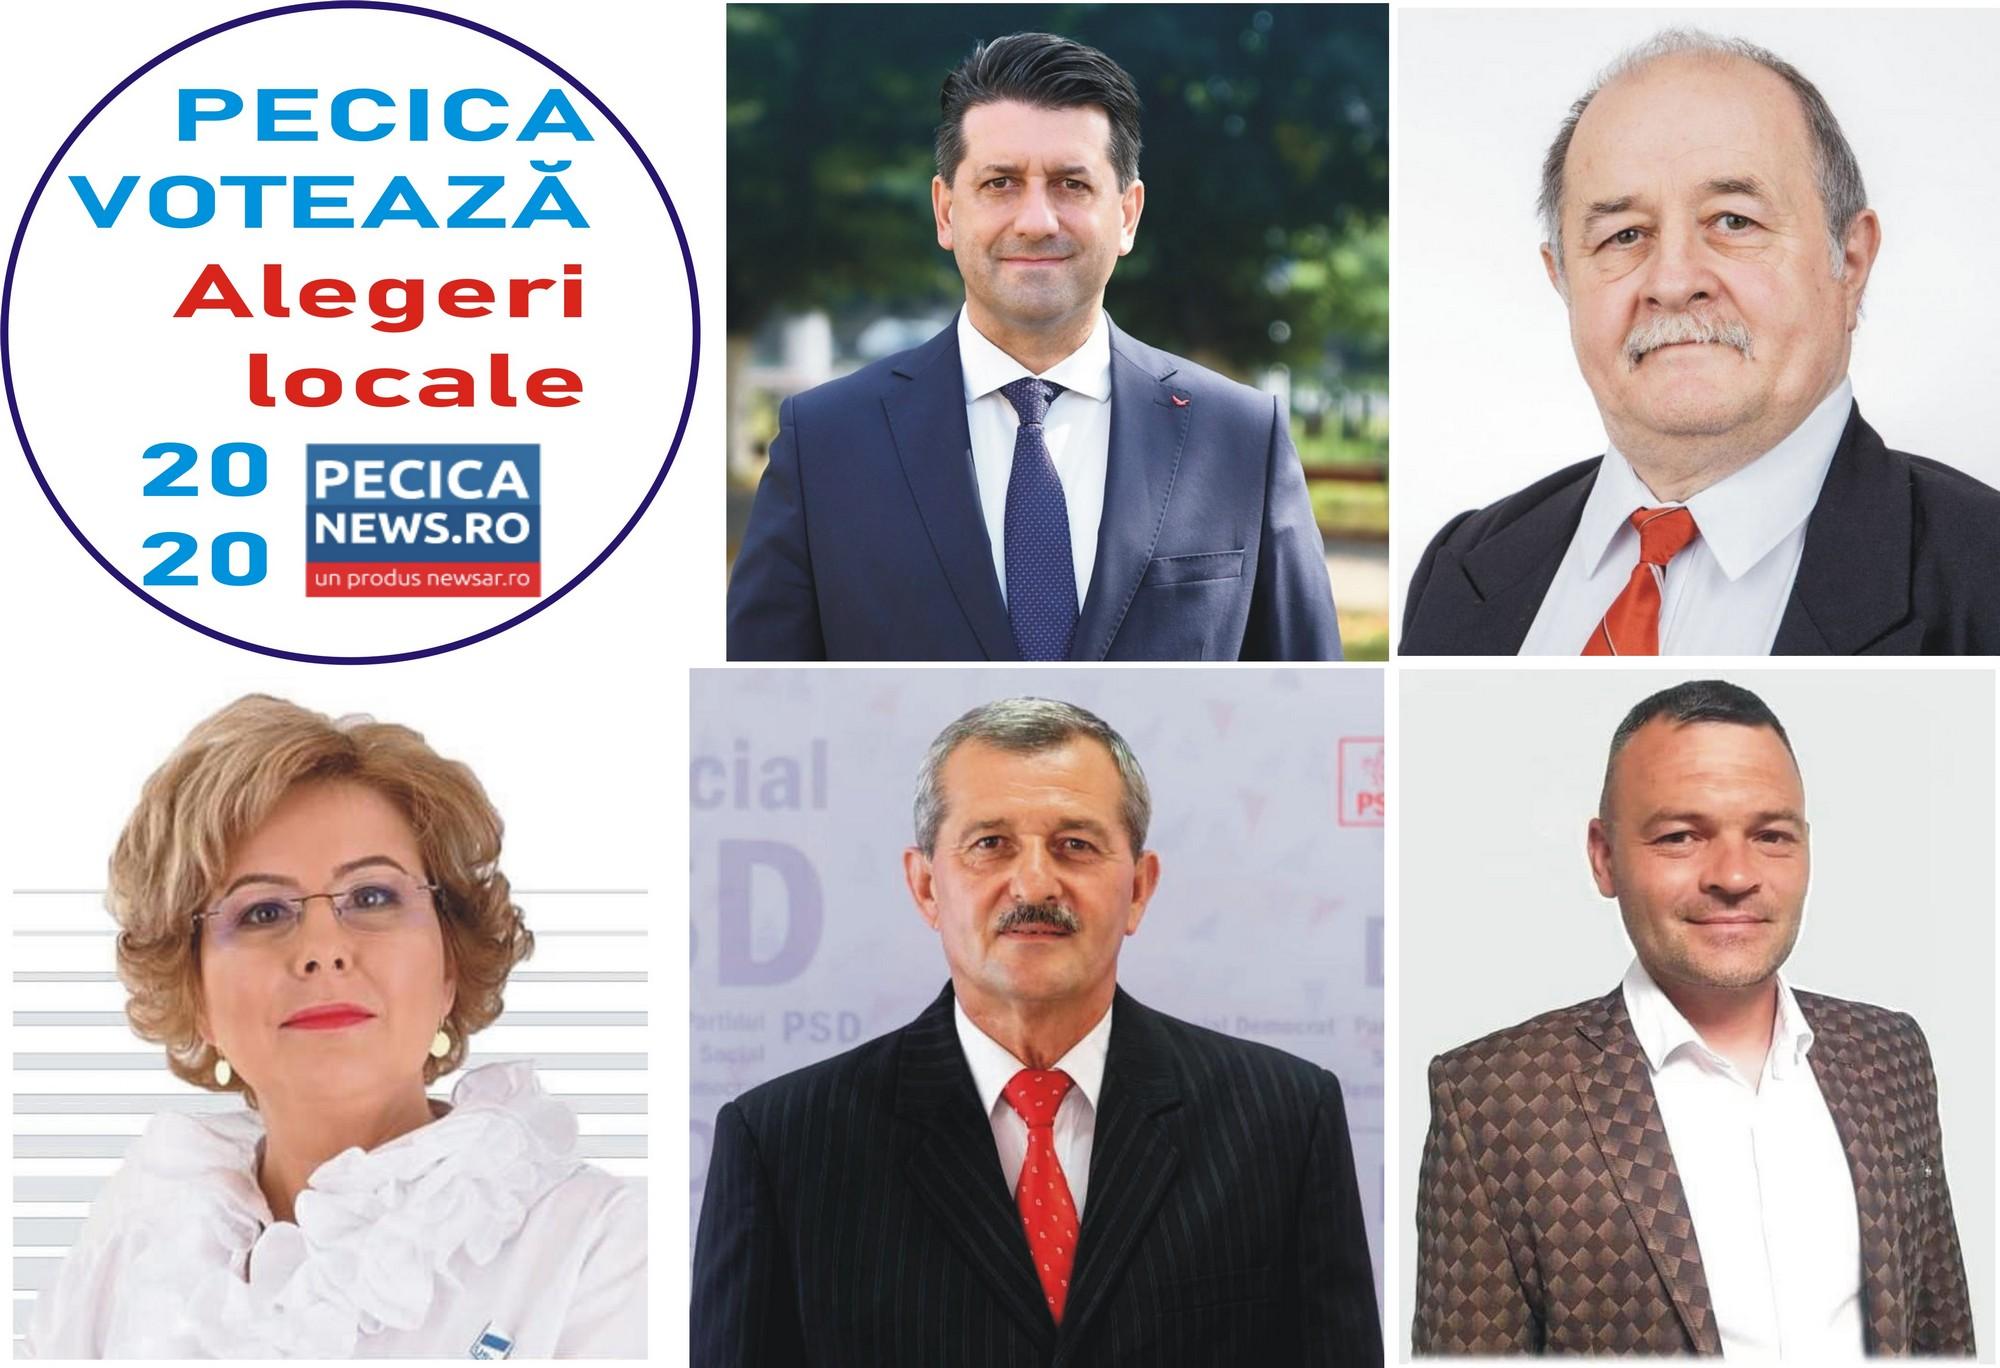 PECICA VOTEAZĂ: Proiectele candidaților pentru funcția de primar